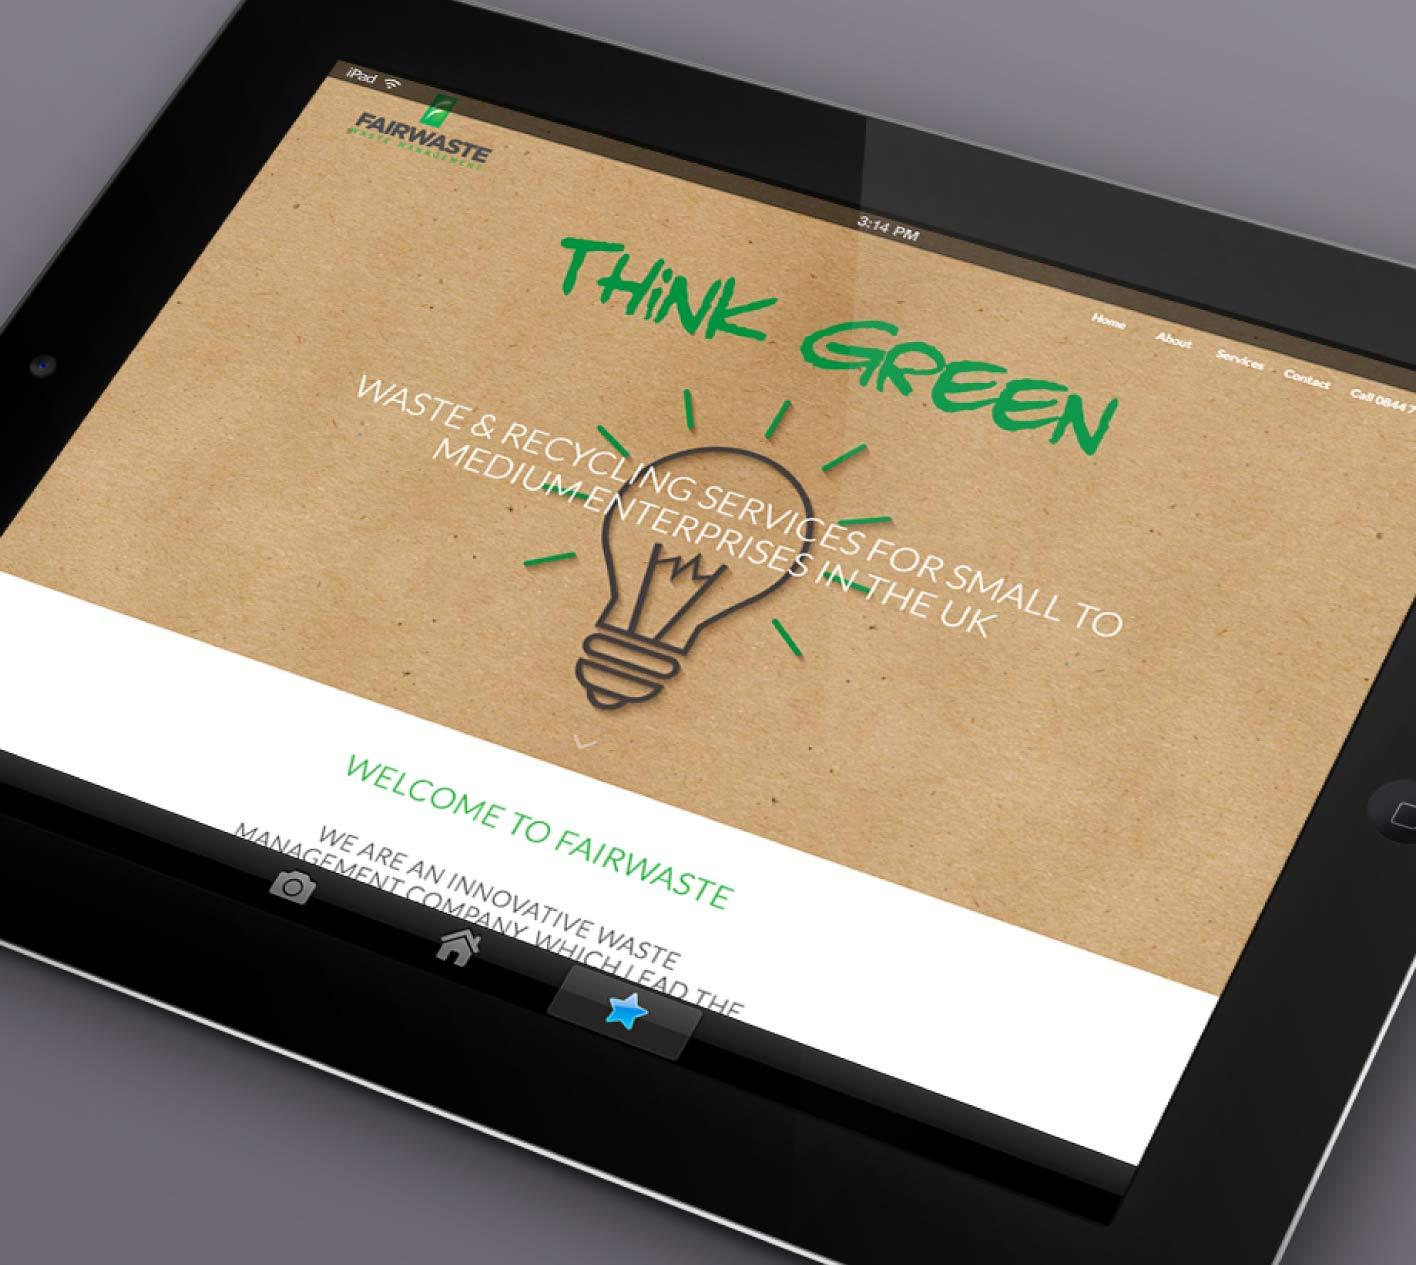 Logo and web design for Fairwaste